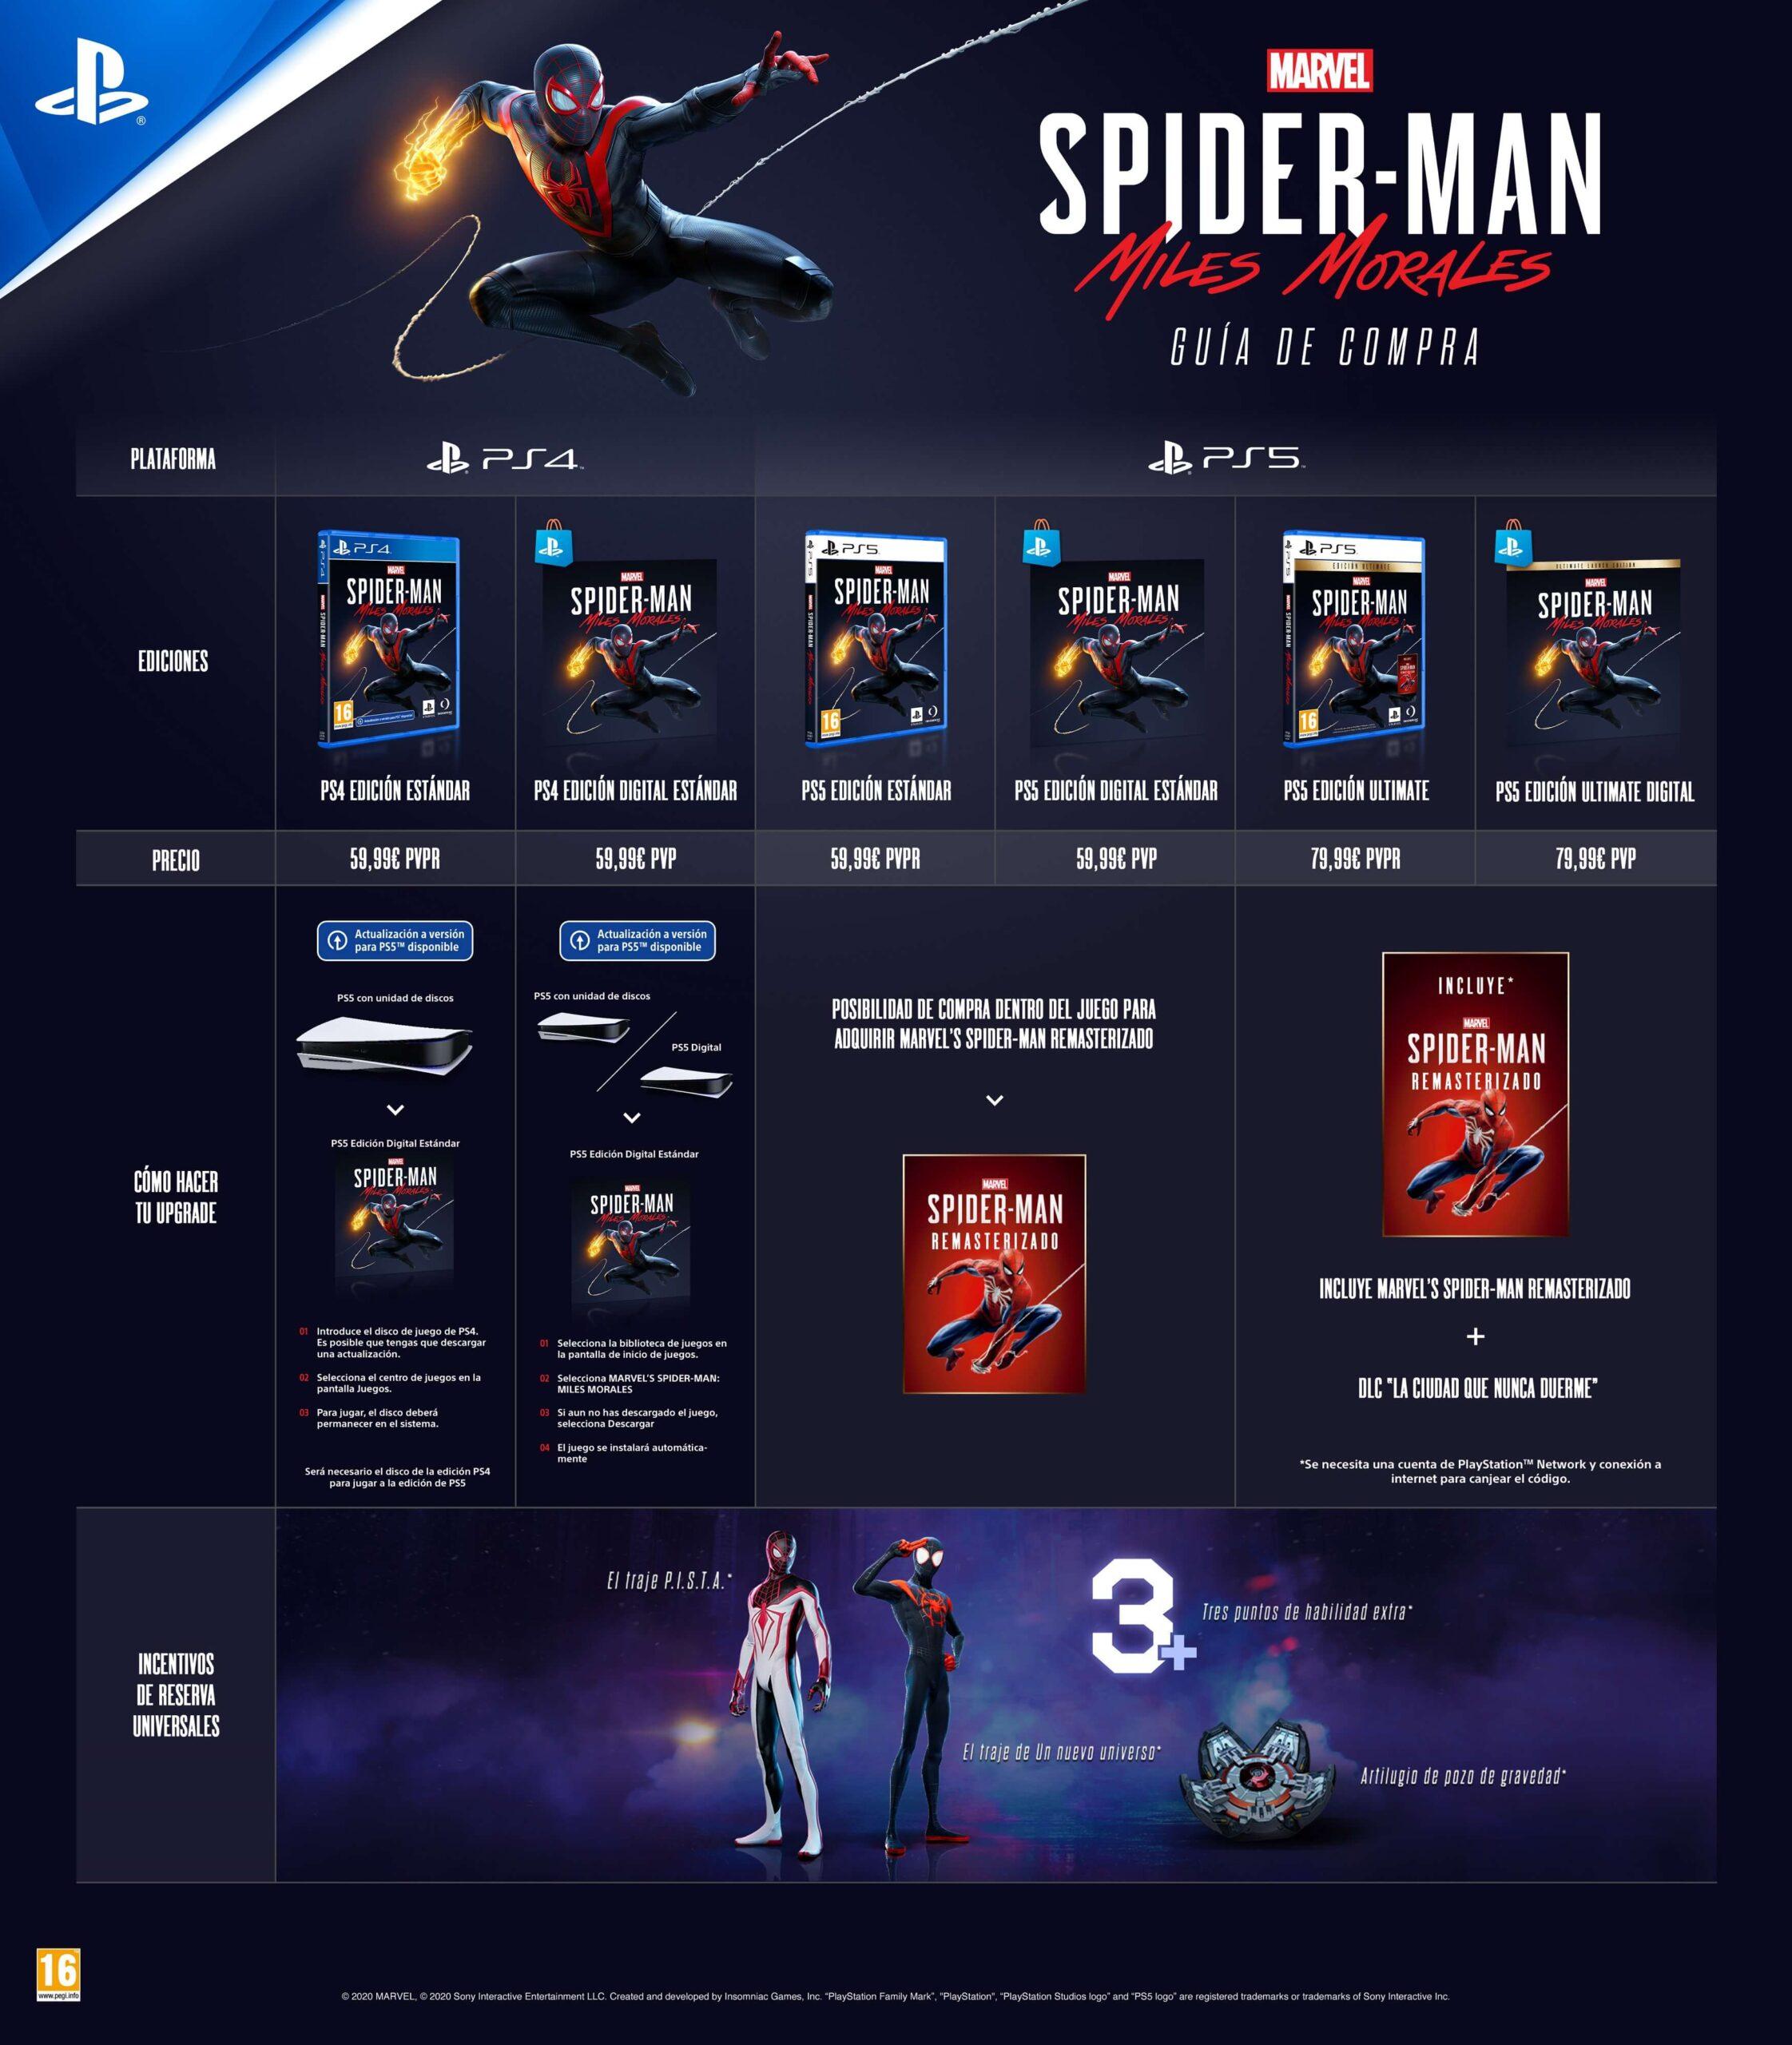 Ya disponible la guía de compra de Marvel's Spider-Man: Miles Morales